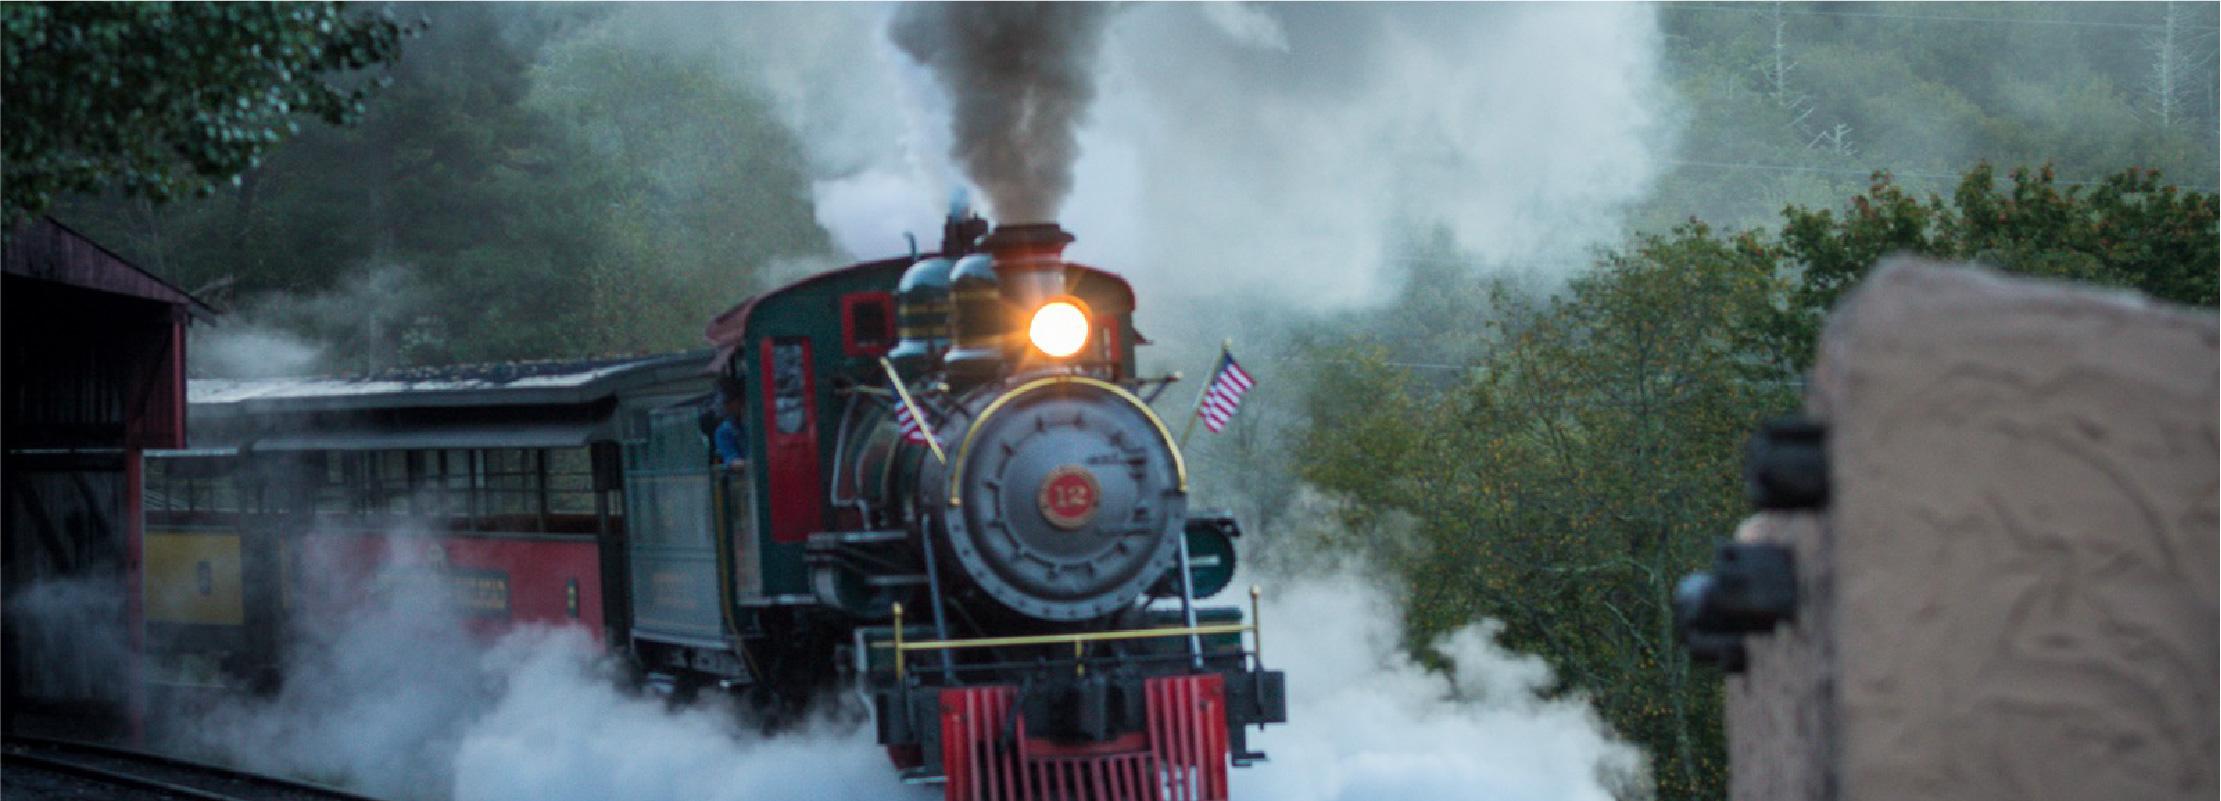 History of Tweetsie Railroad®